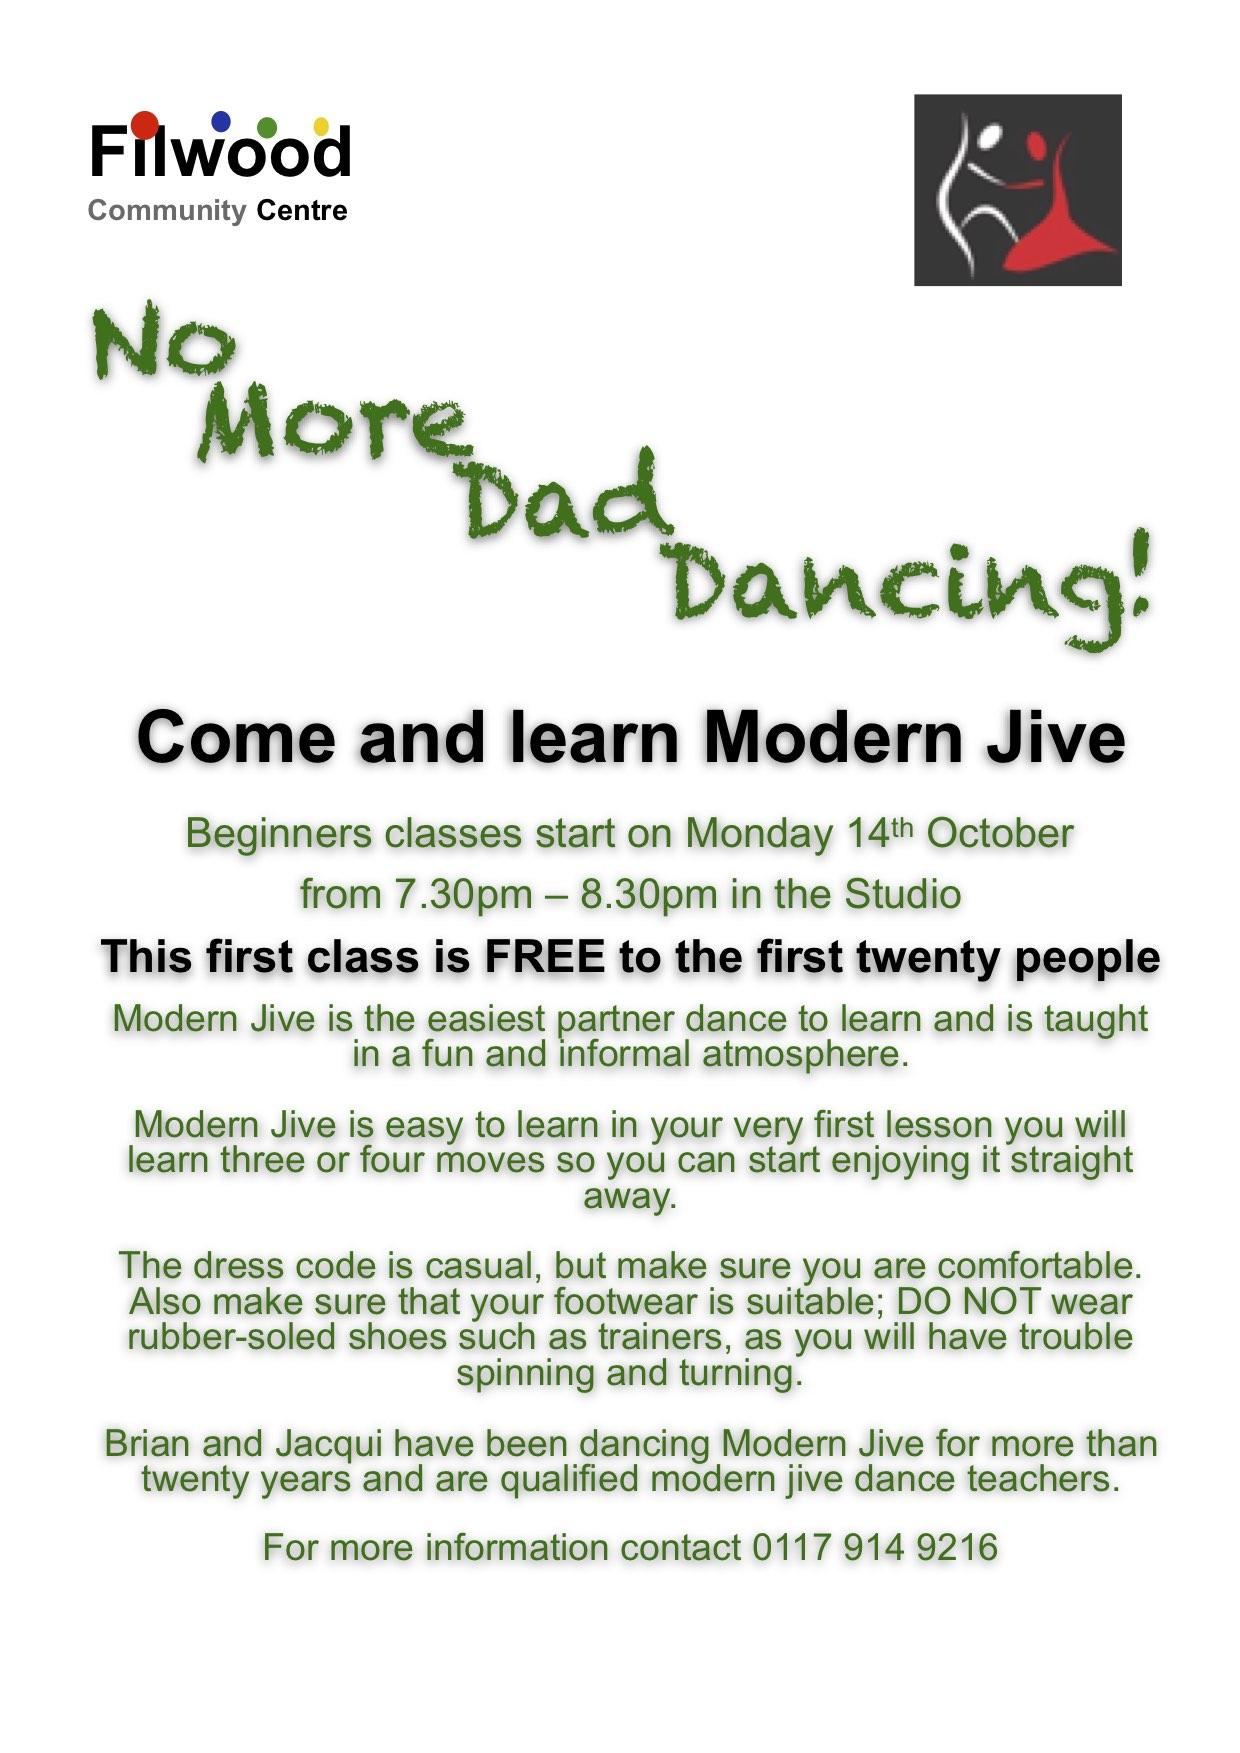 No more dad dancing flyer